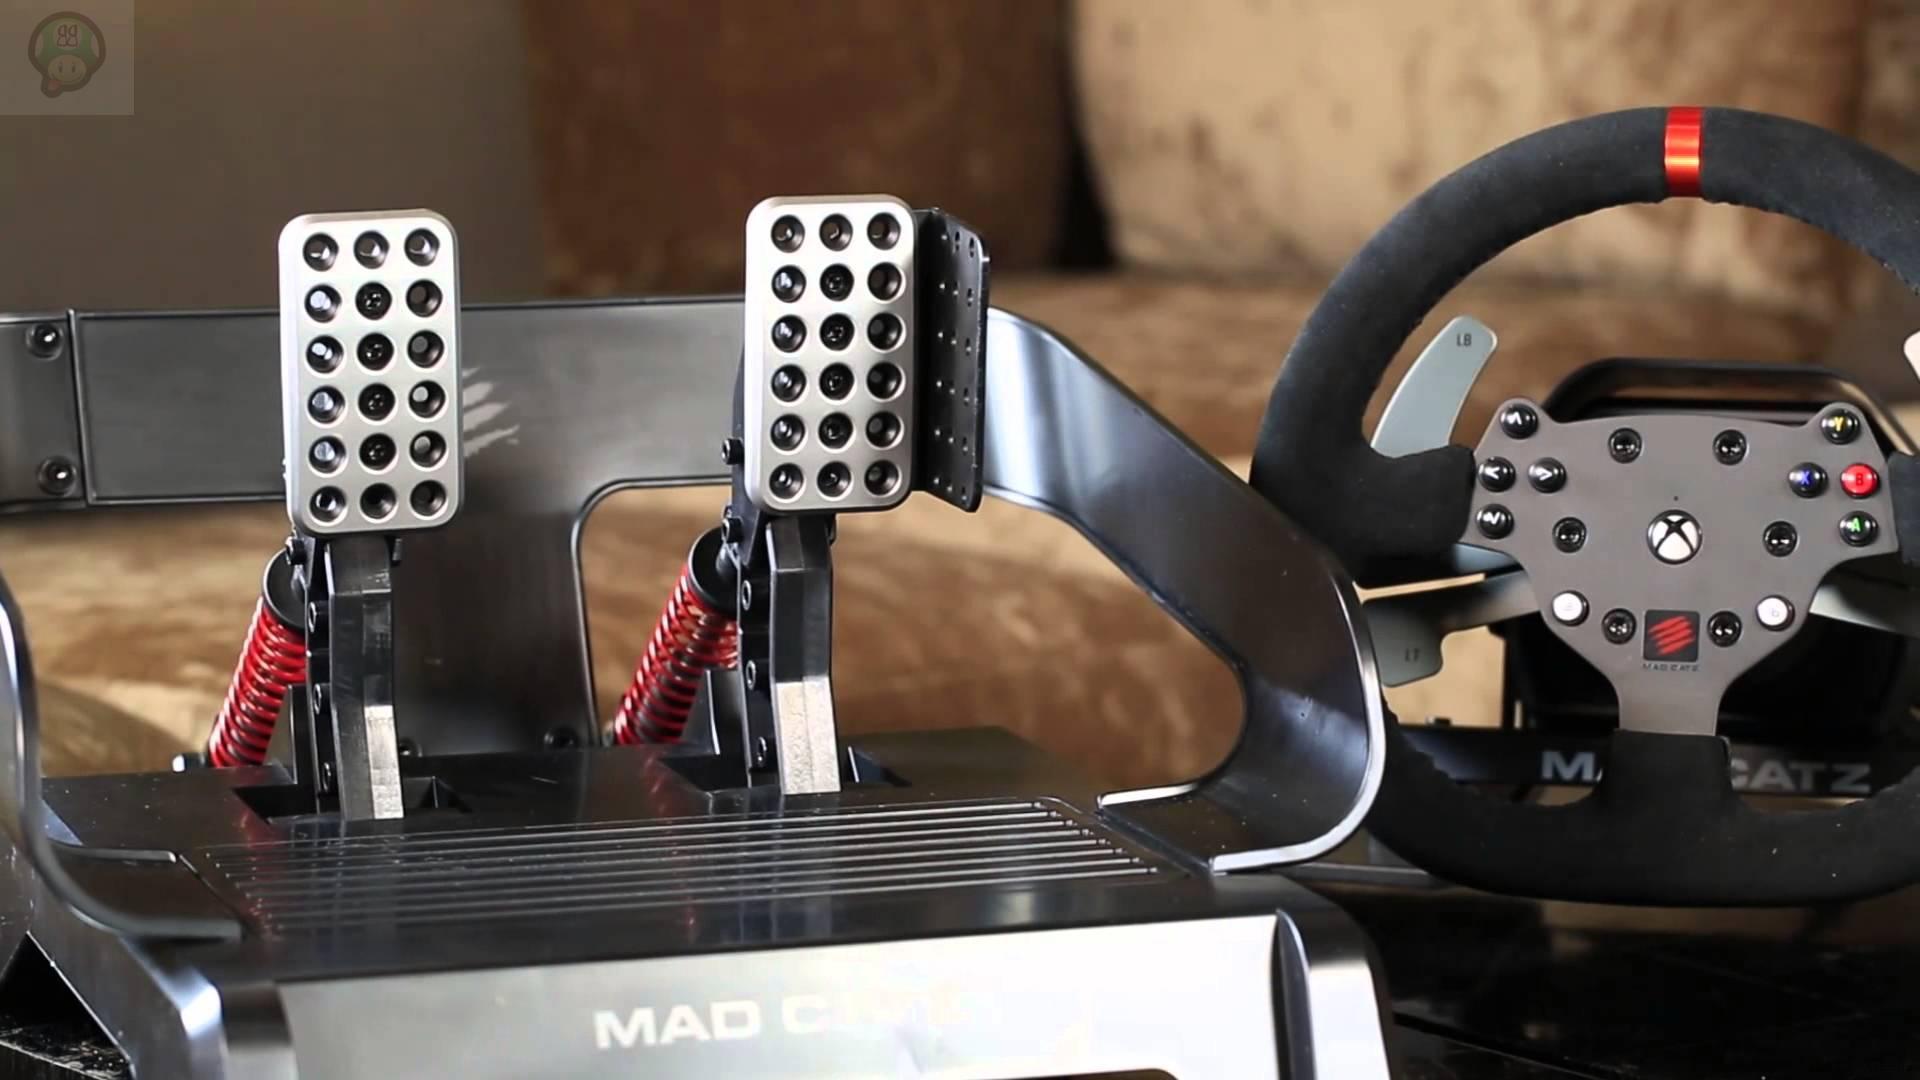 les volants de la xbox one en vid o. Black Bedroom Furniture Sets. Home Design Ideas